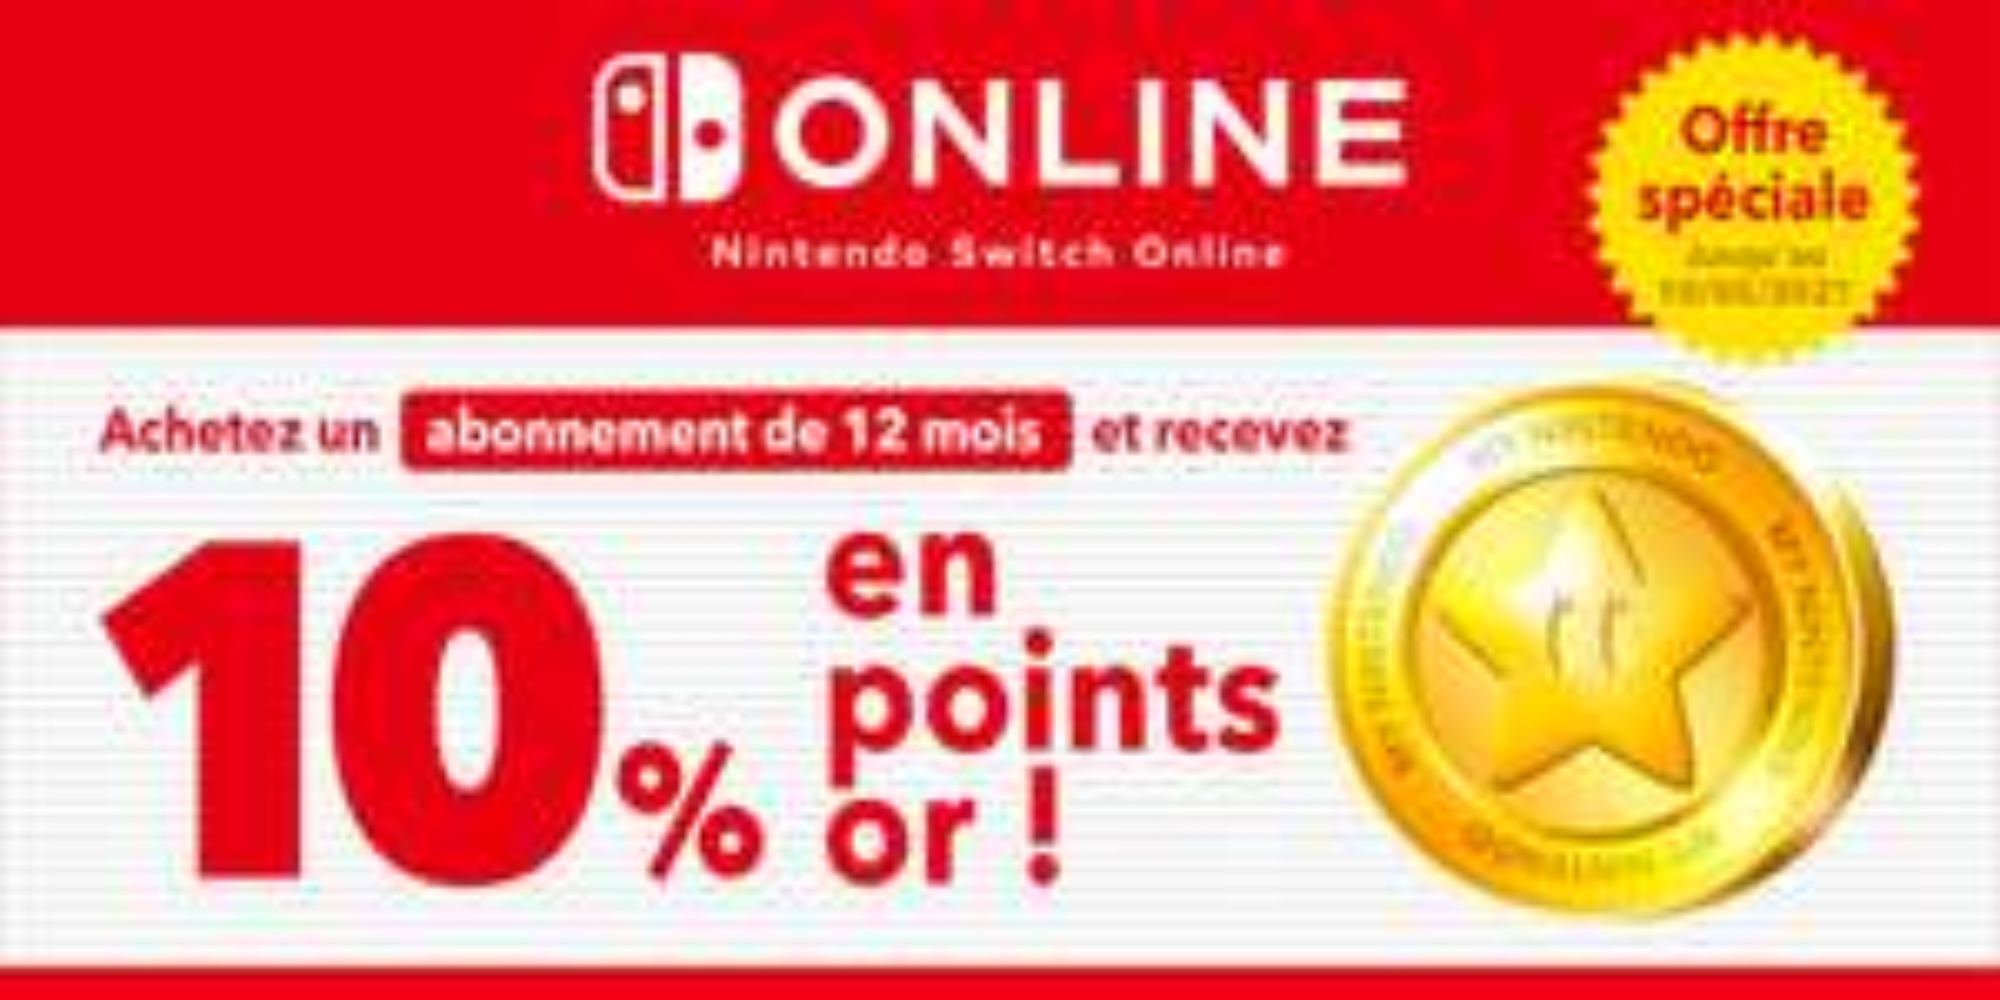 10% offert en points or sur les abonnements Nintendo Switch Online (Dématérialisé)